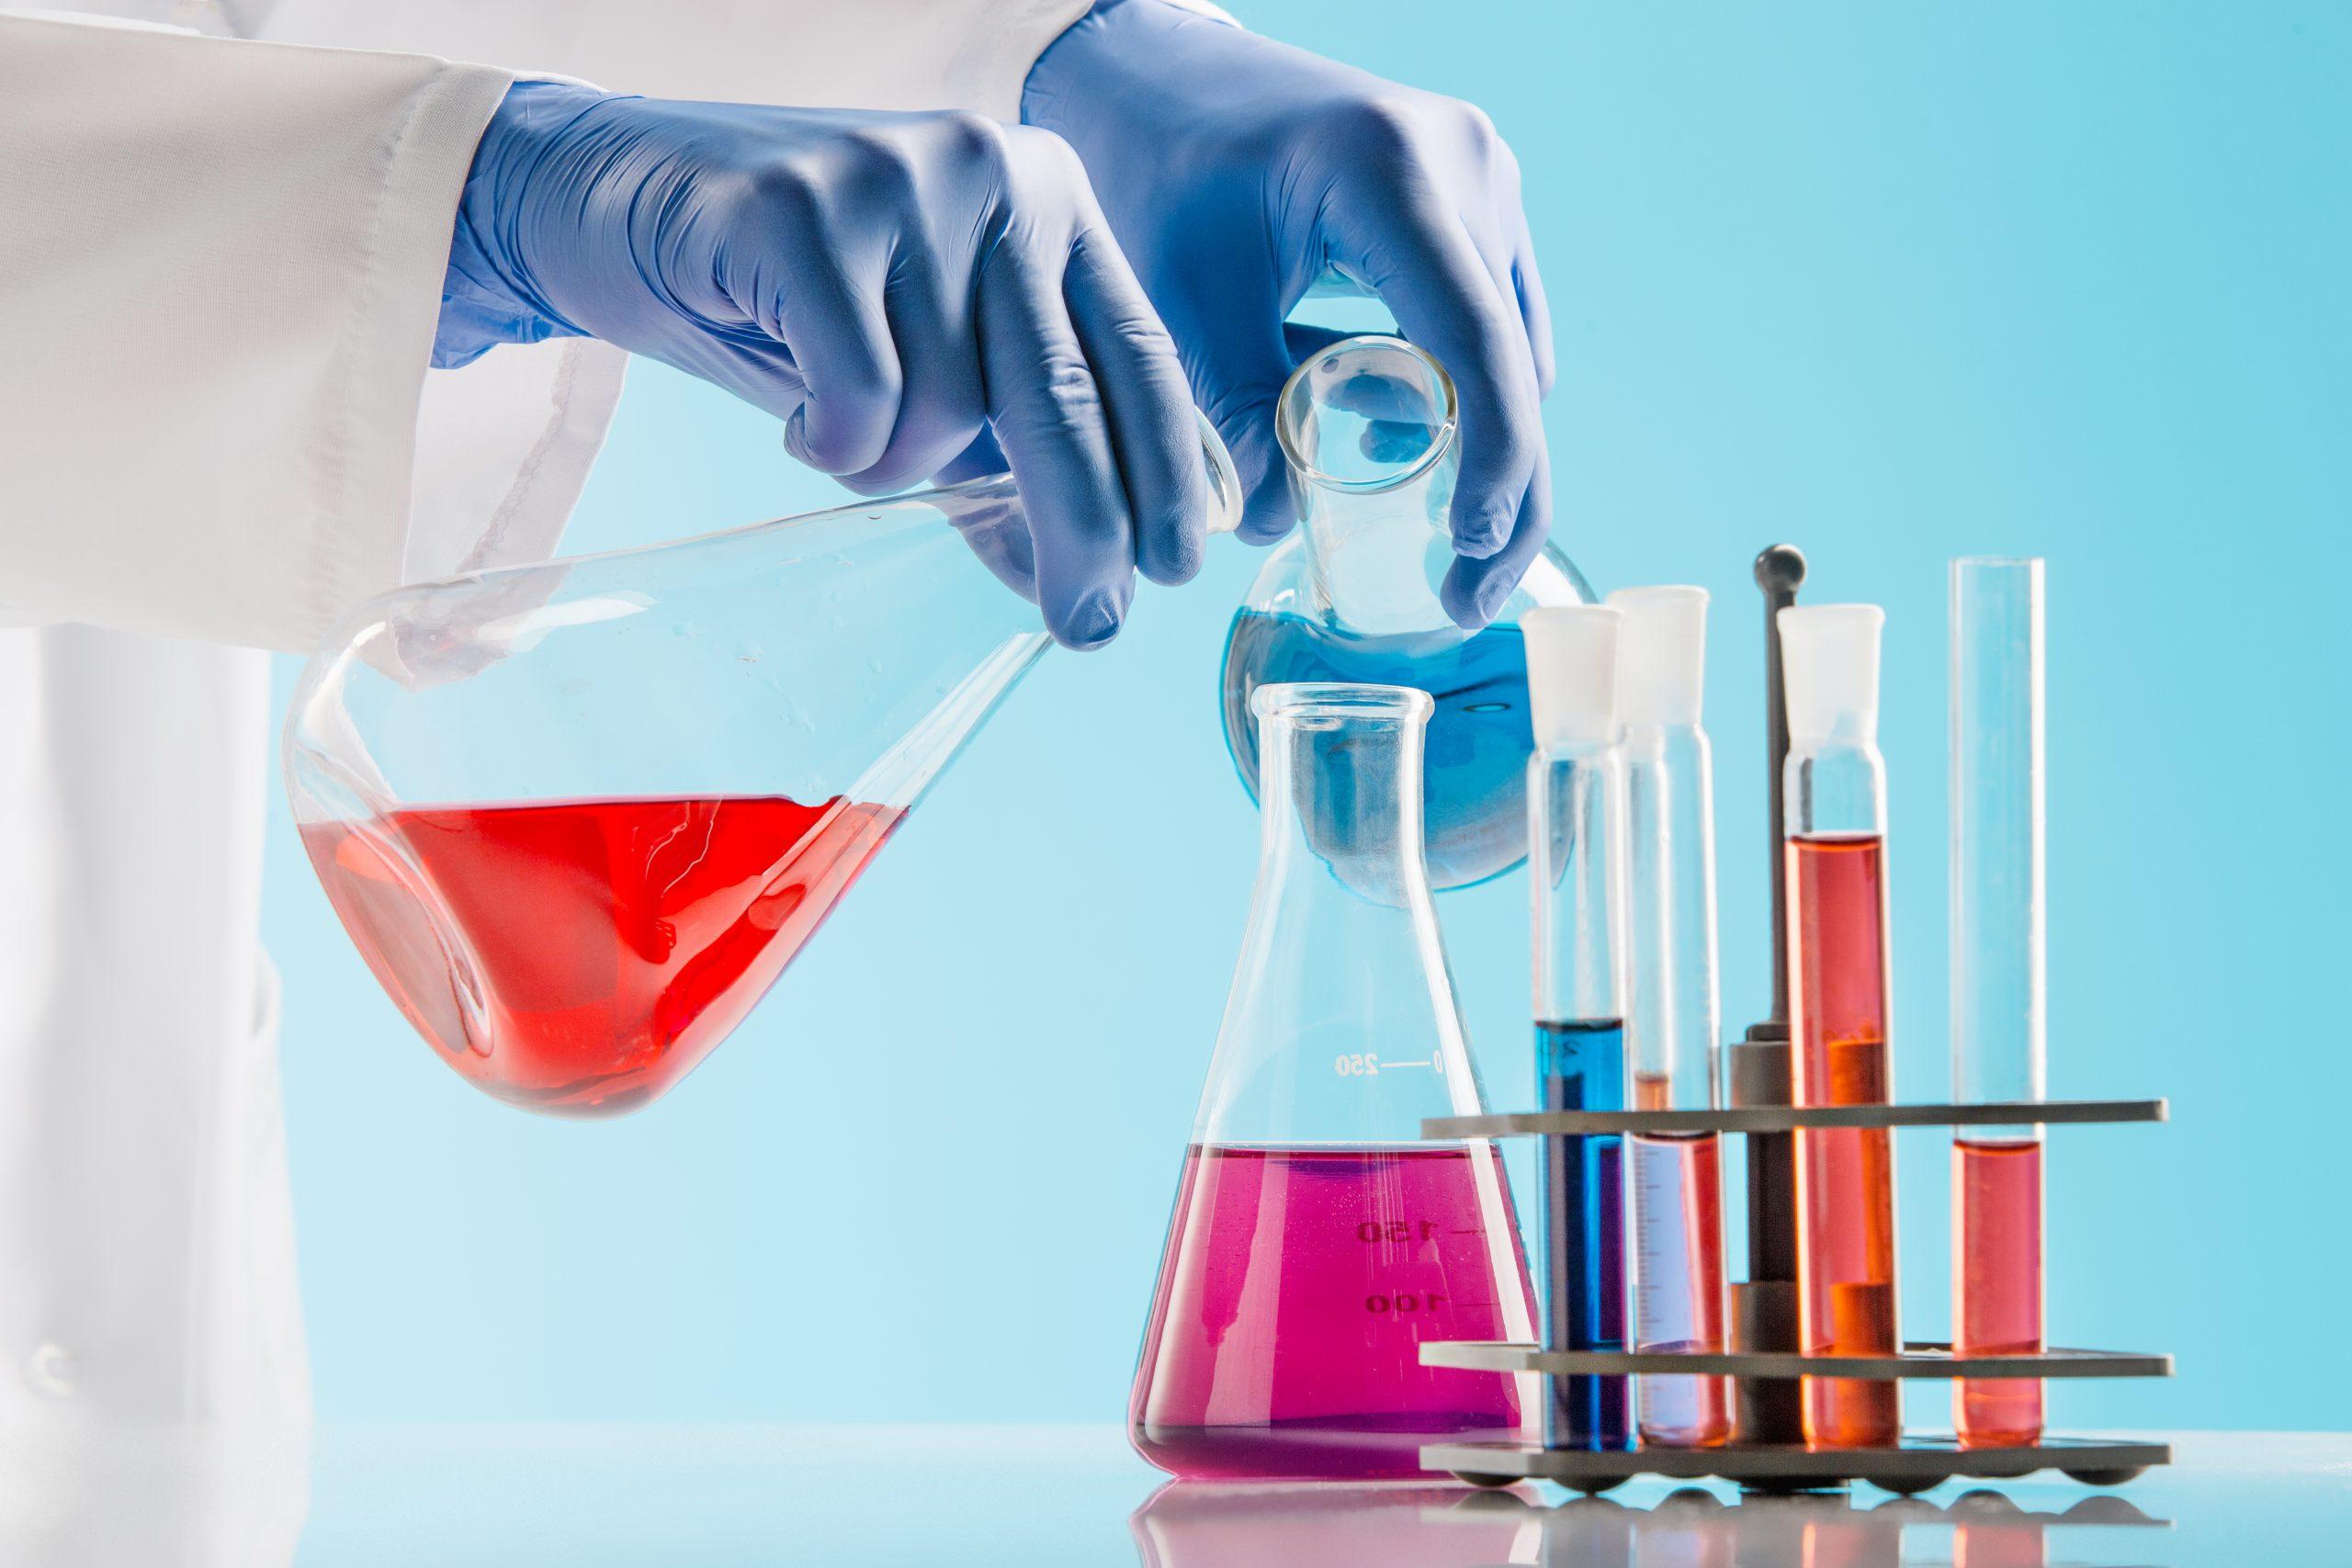 Studyberg chemistry